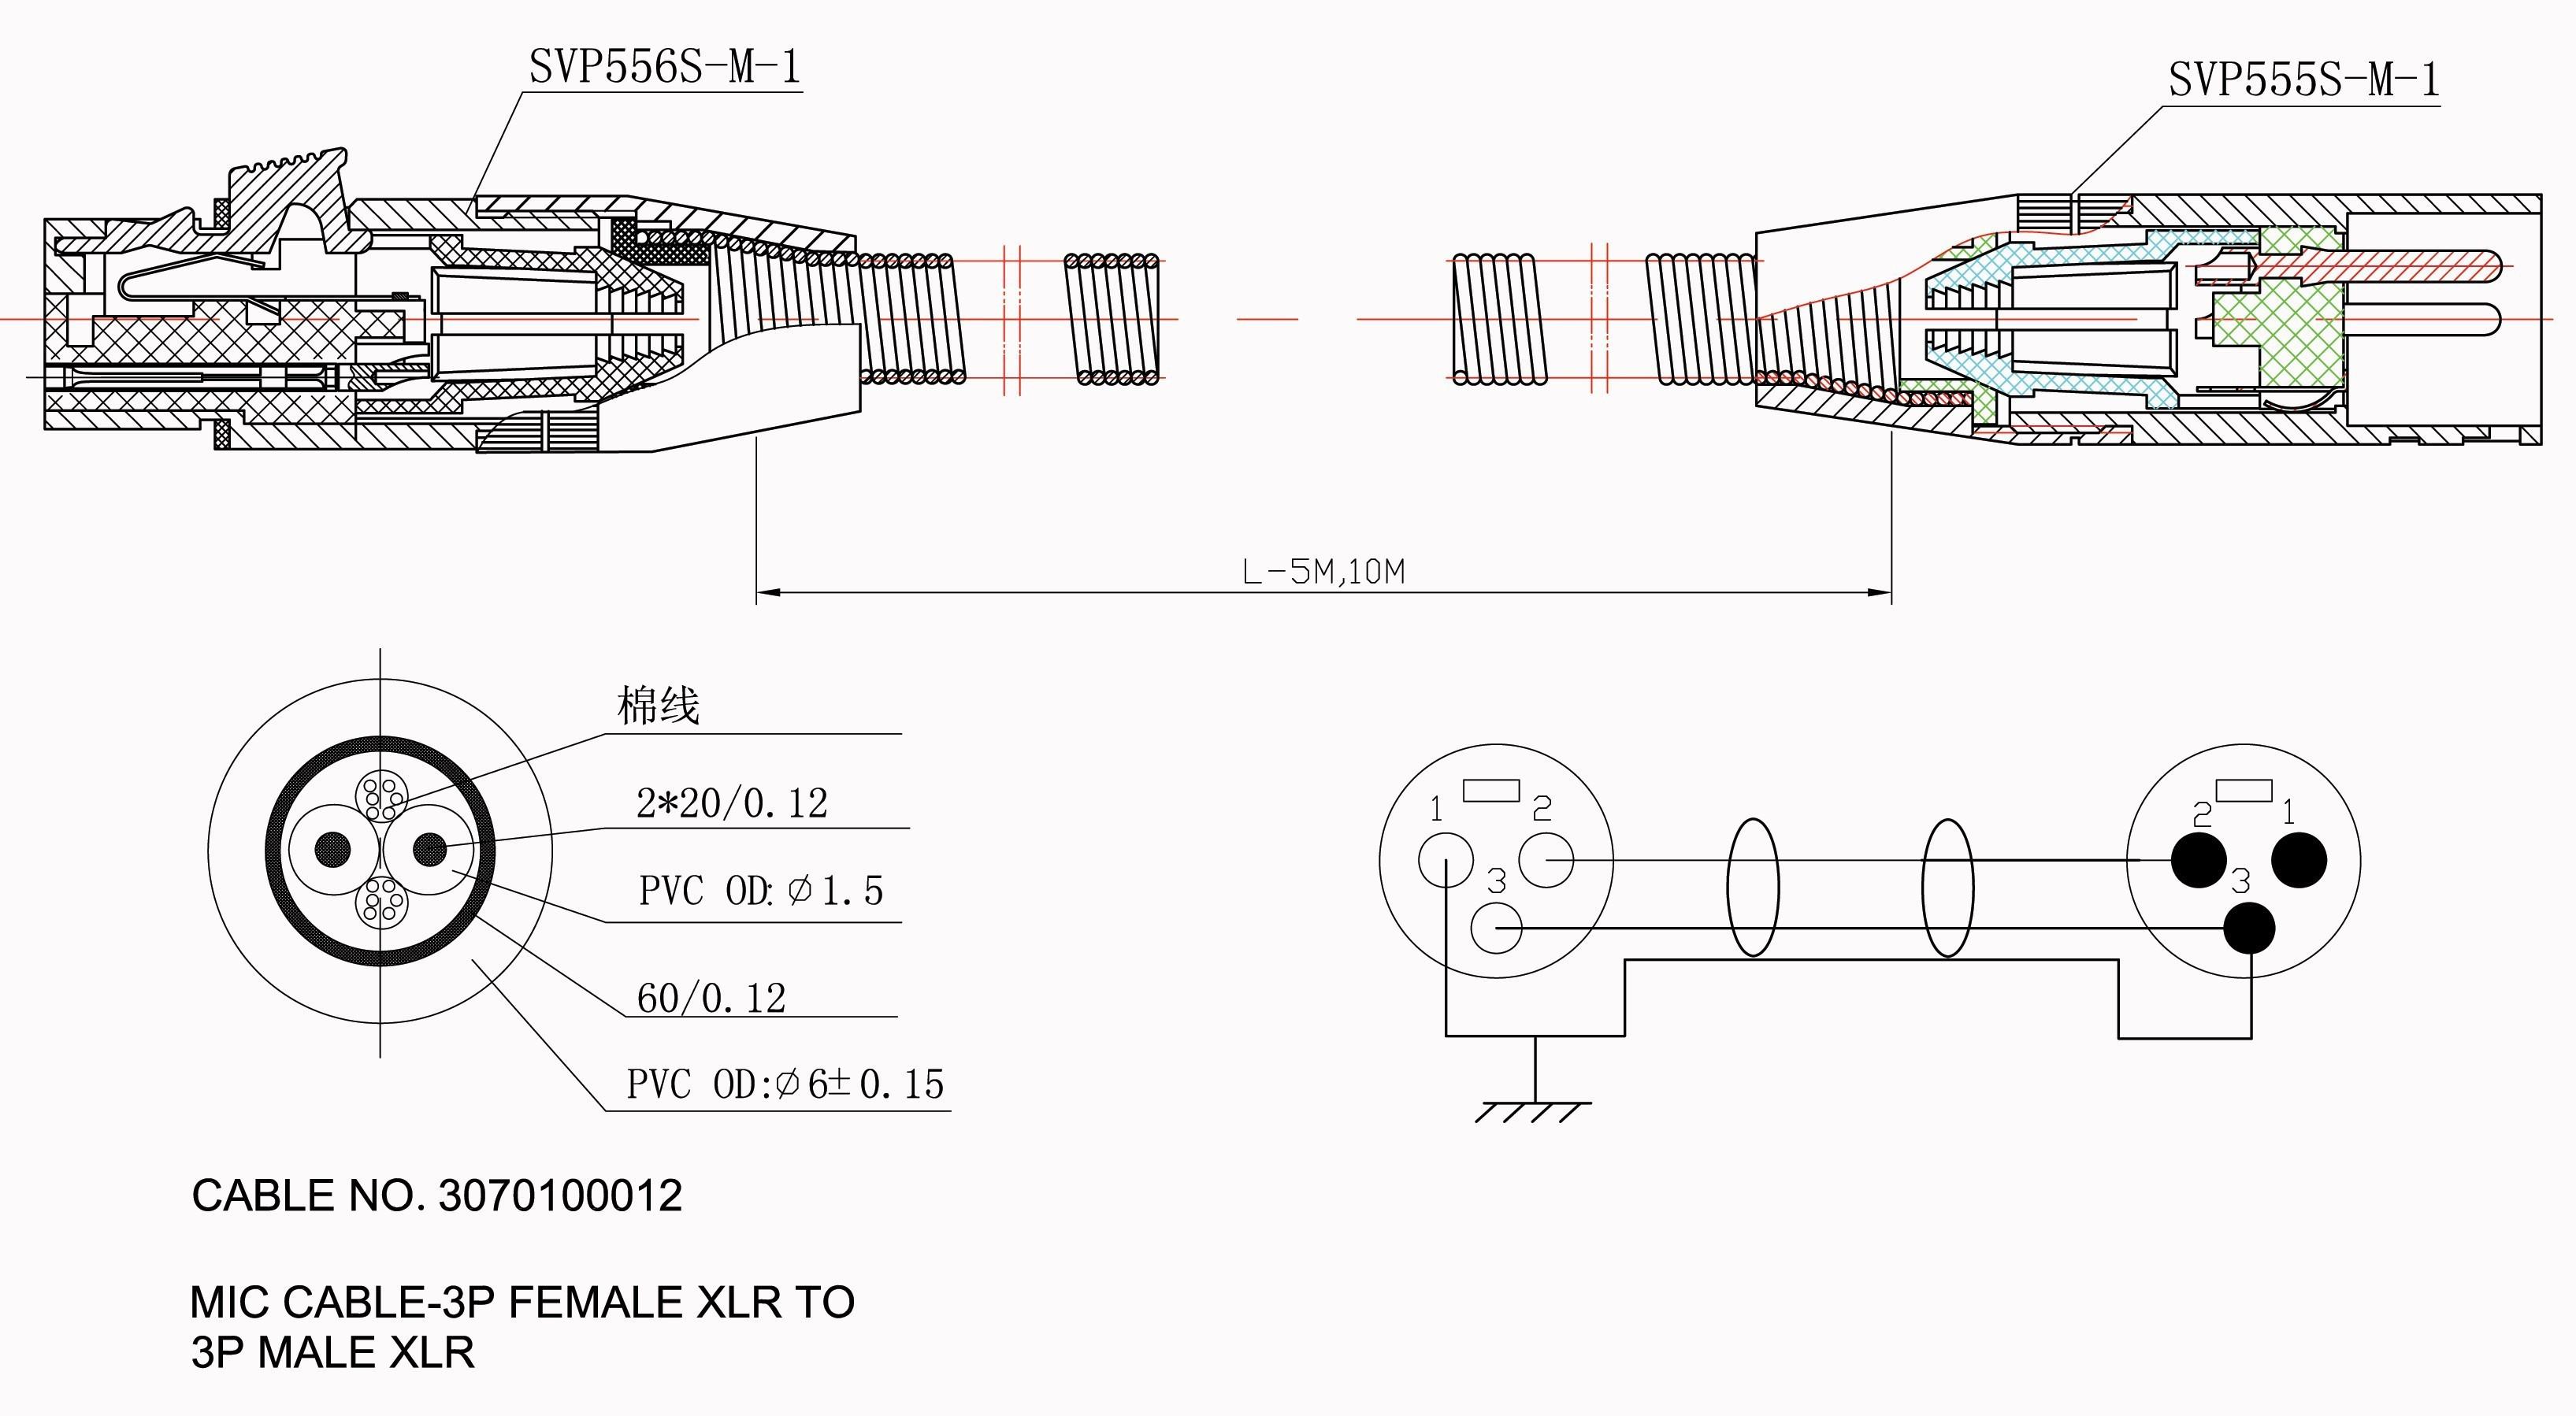 Isuzu Truck Radio Wiring Diagram Komatsu Ignition Switch Wiring Diagram Save isuzu Npr Alternator Of Isuzu Truck Radio Wiring Diagram